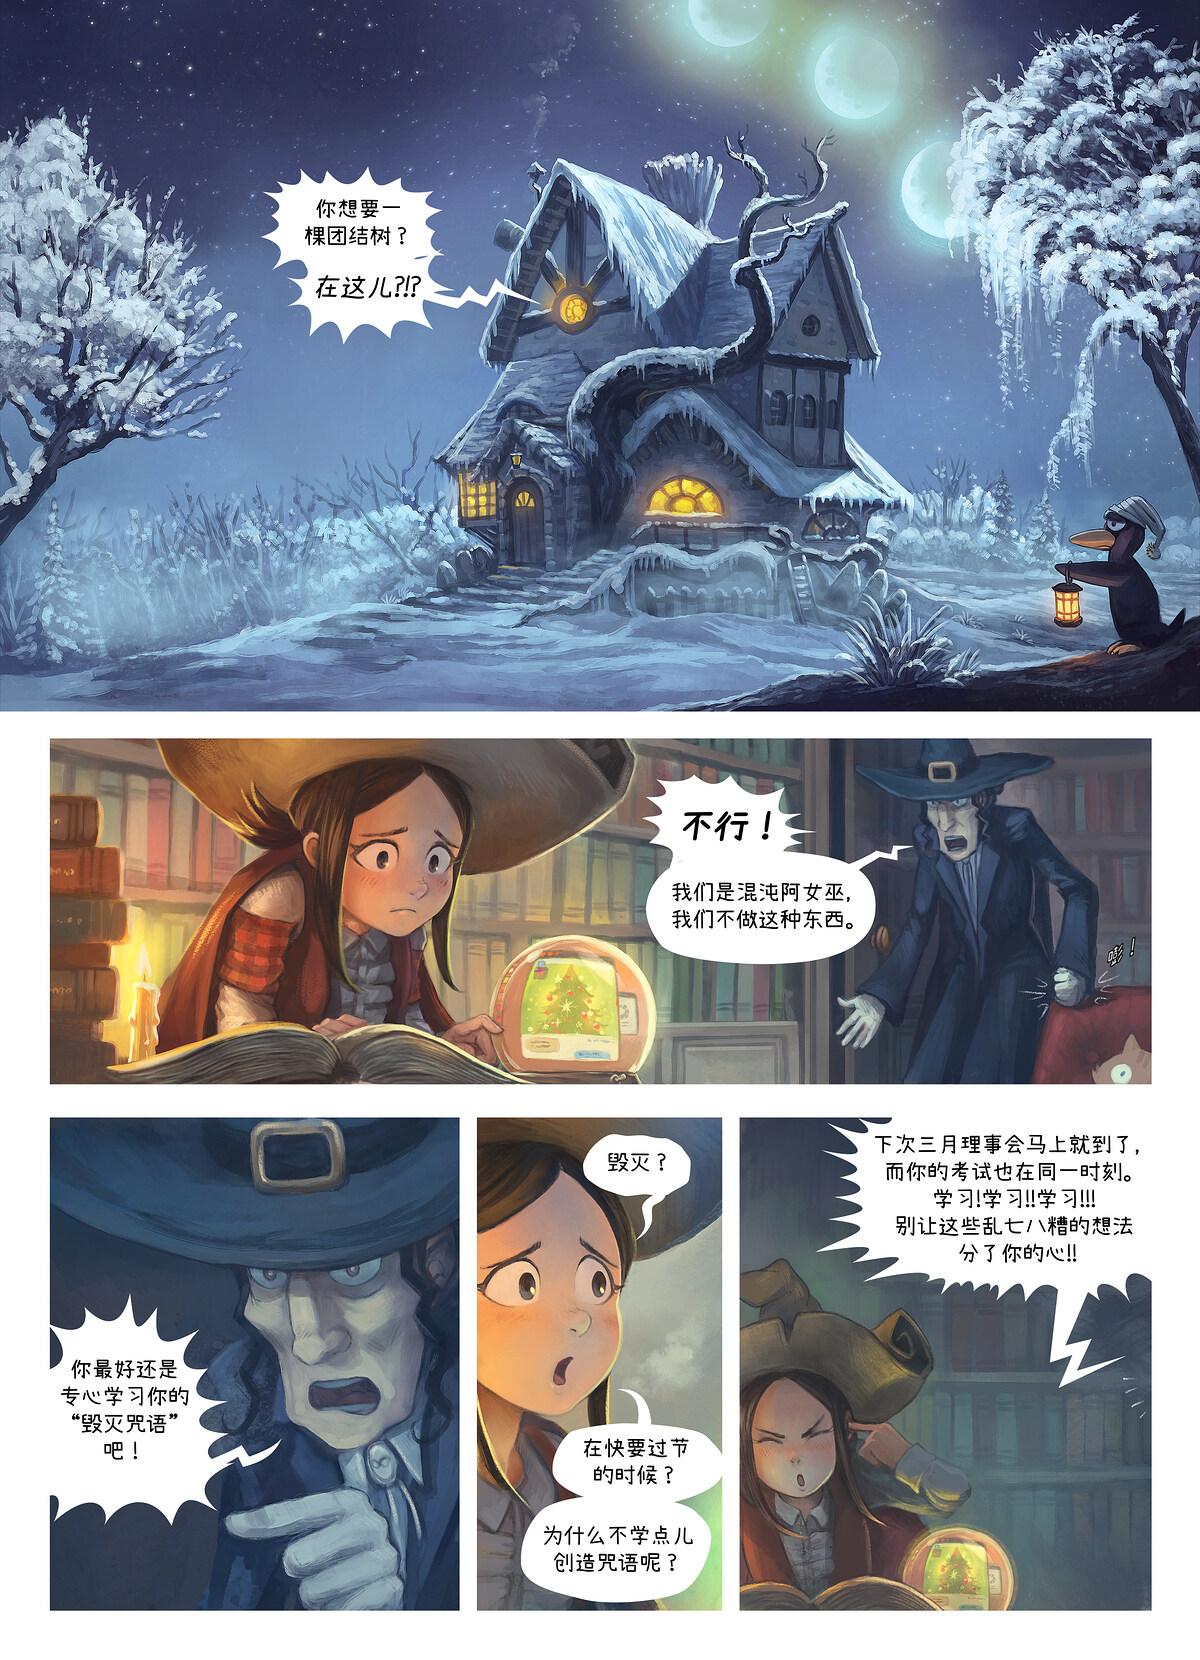 第24集:团结树, Page 1